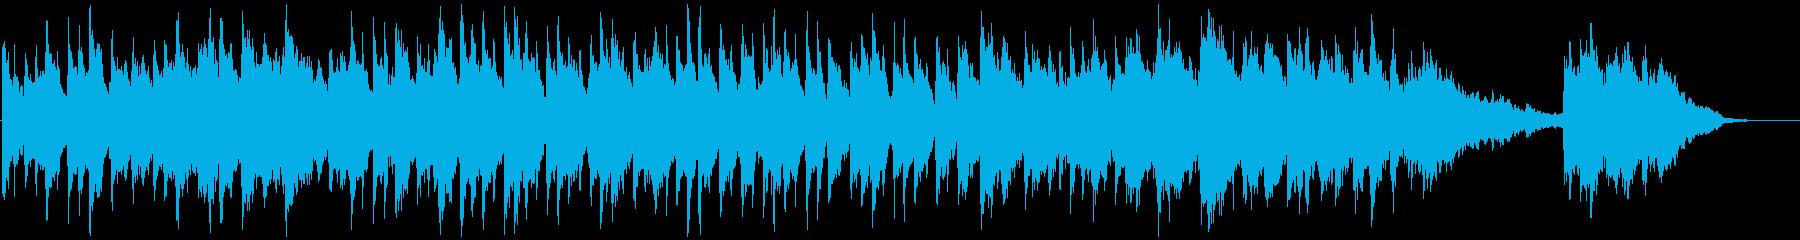 ピアノとシンセの広がりのあるアンビエントの再生済みの波形